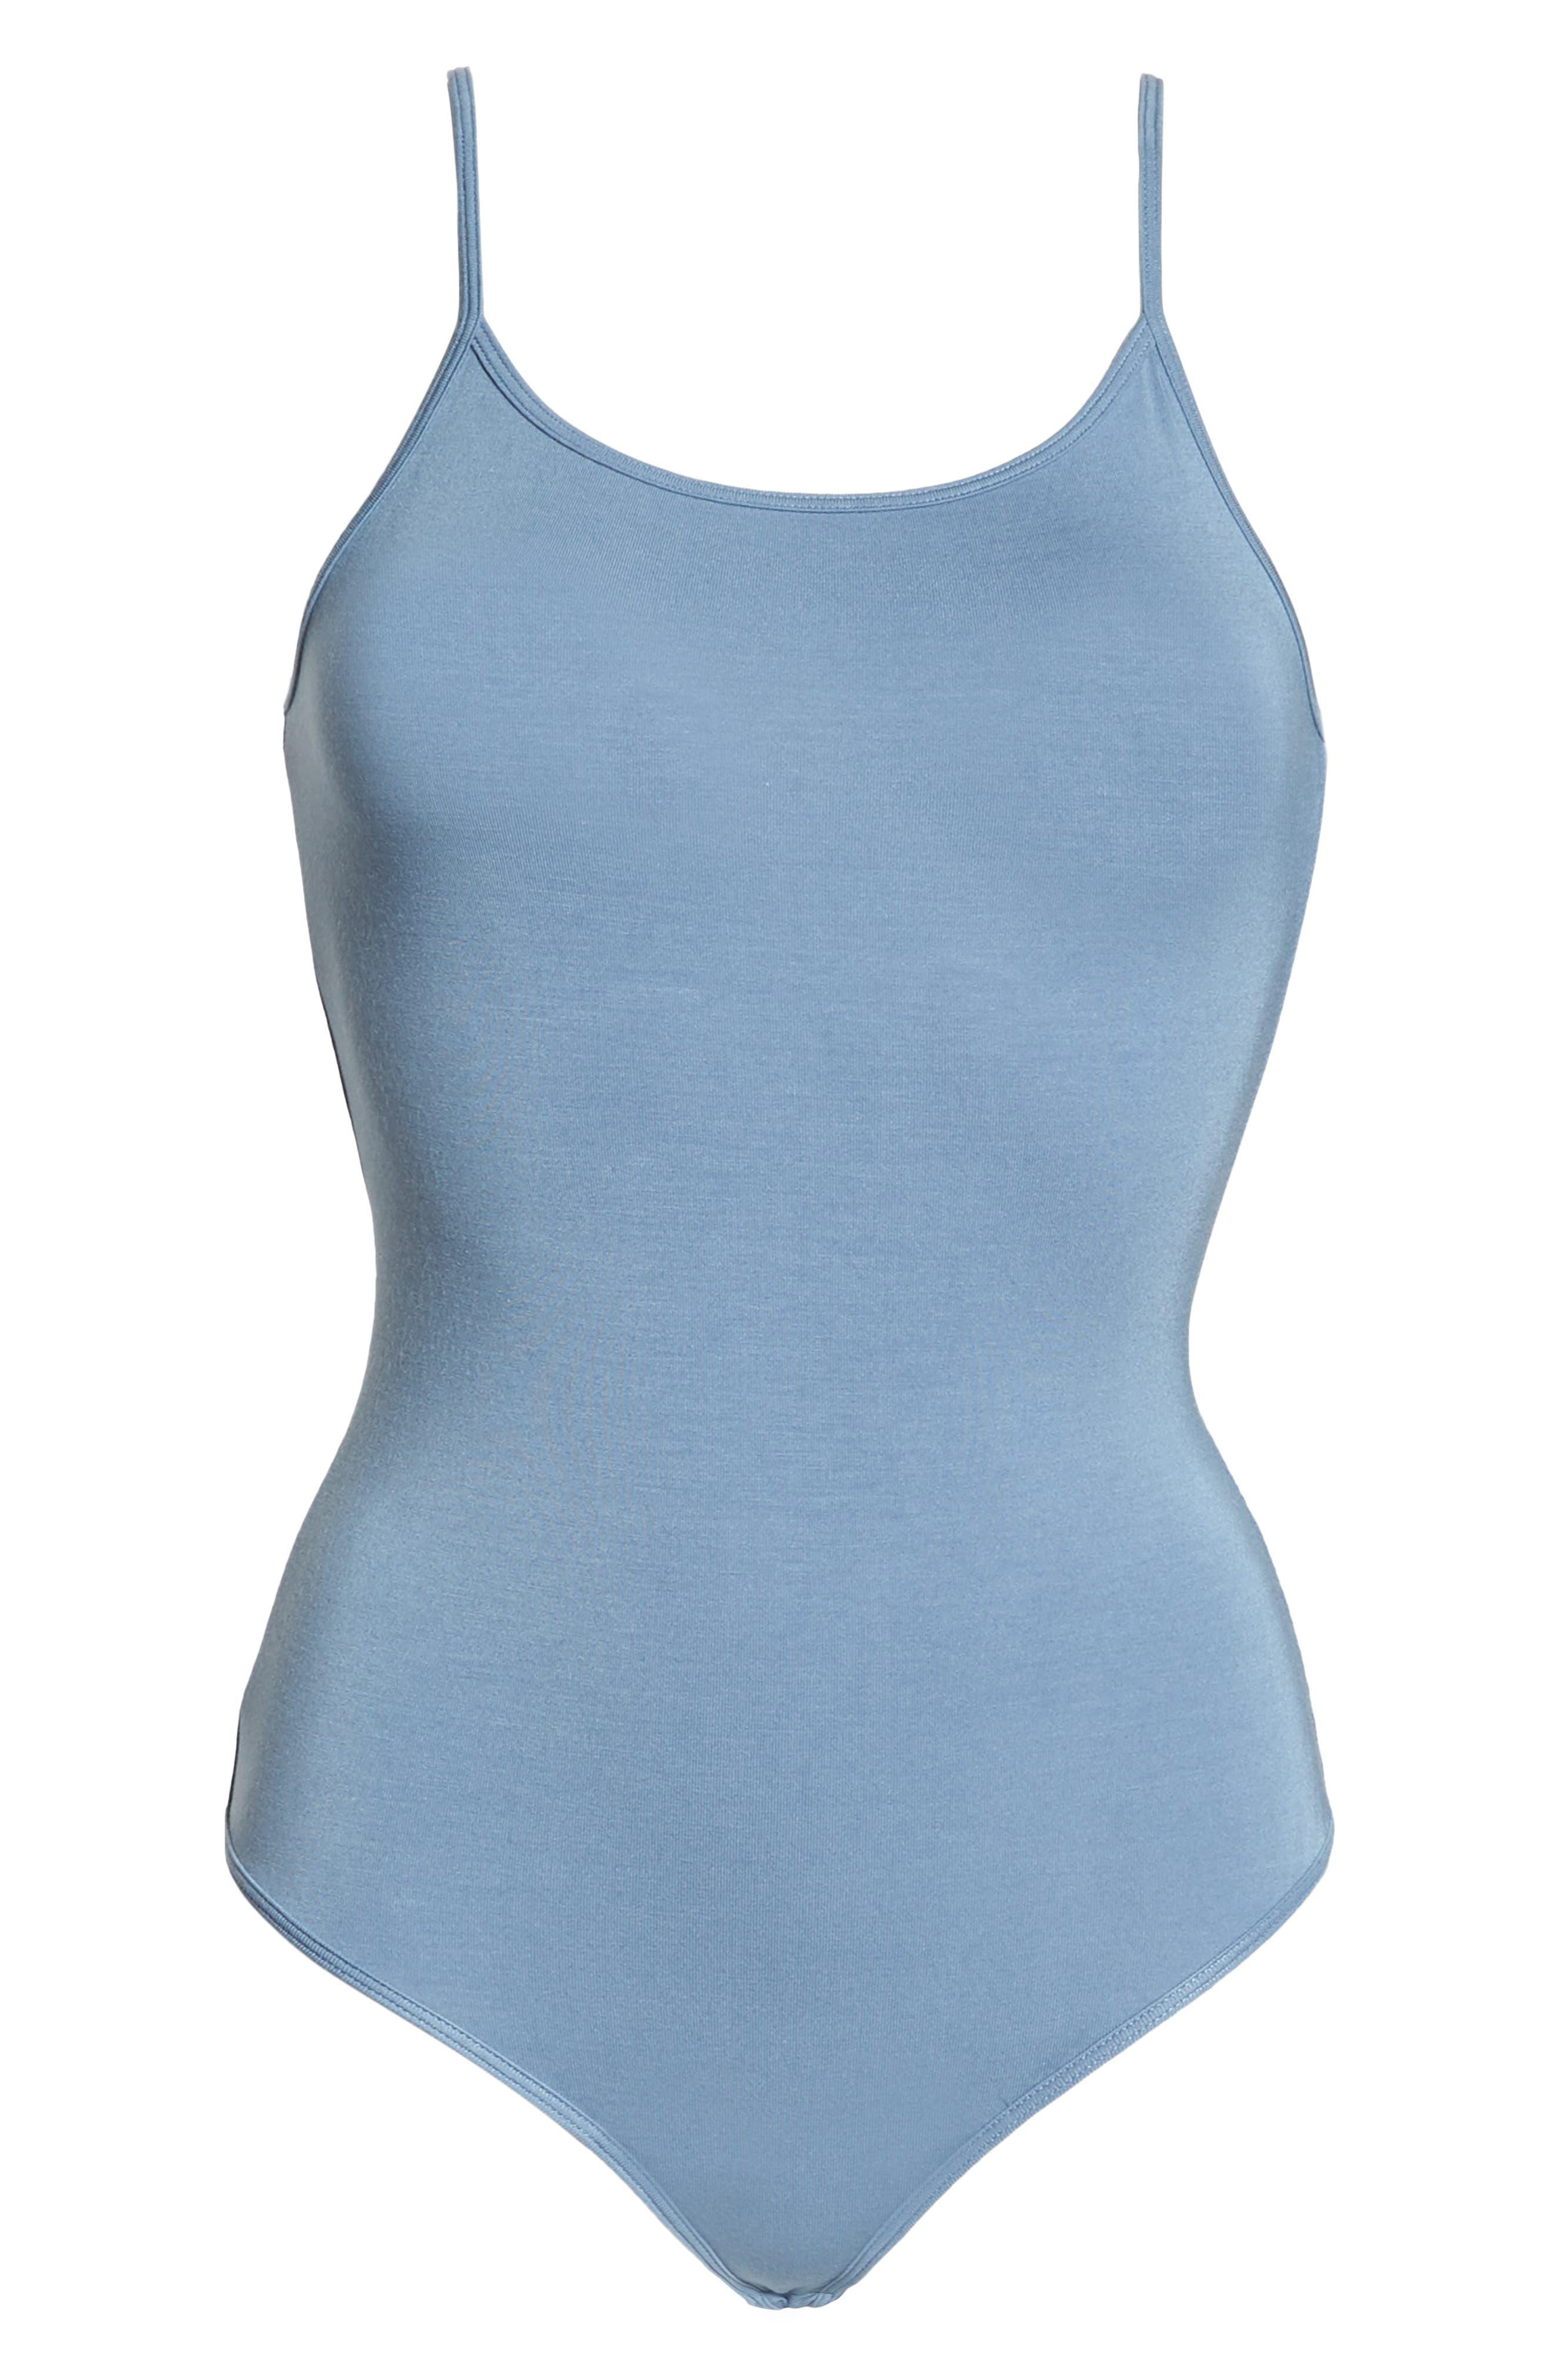 Scoop Back Thong Bodysuit,                             Alternate thumbnail 6, color,                             CARBON BLUE